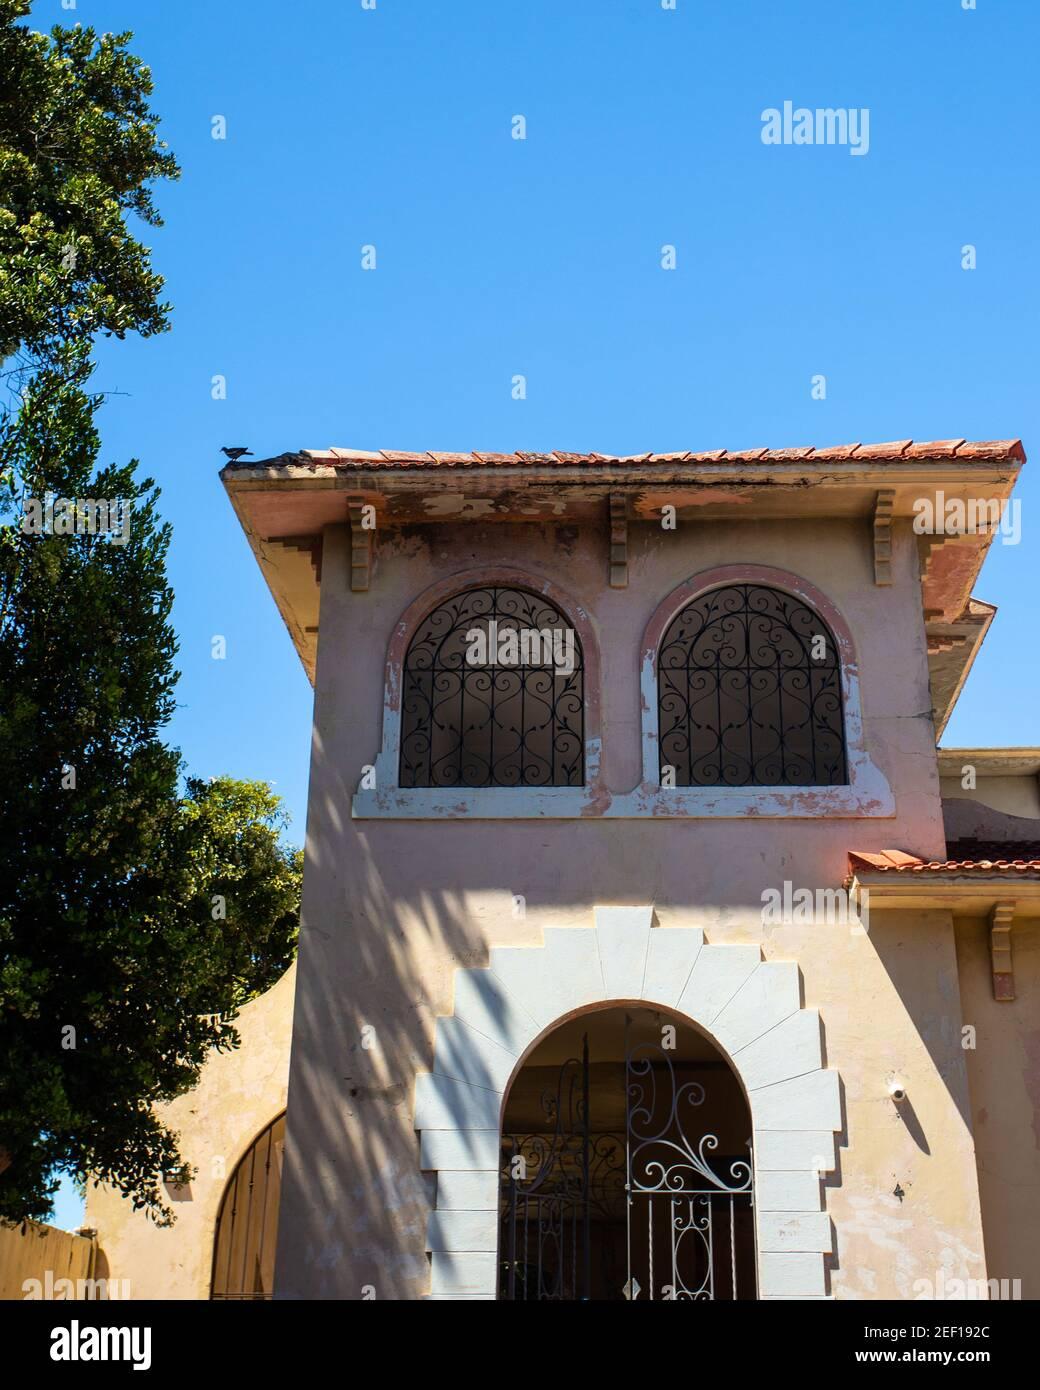 Immagine che mostra la tipica architettura caraibica con cielo blu Foto Stock